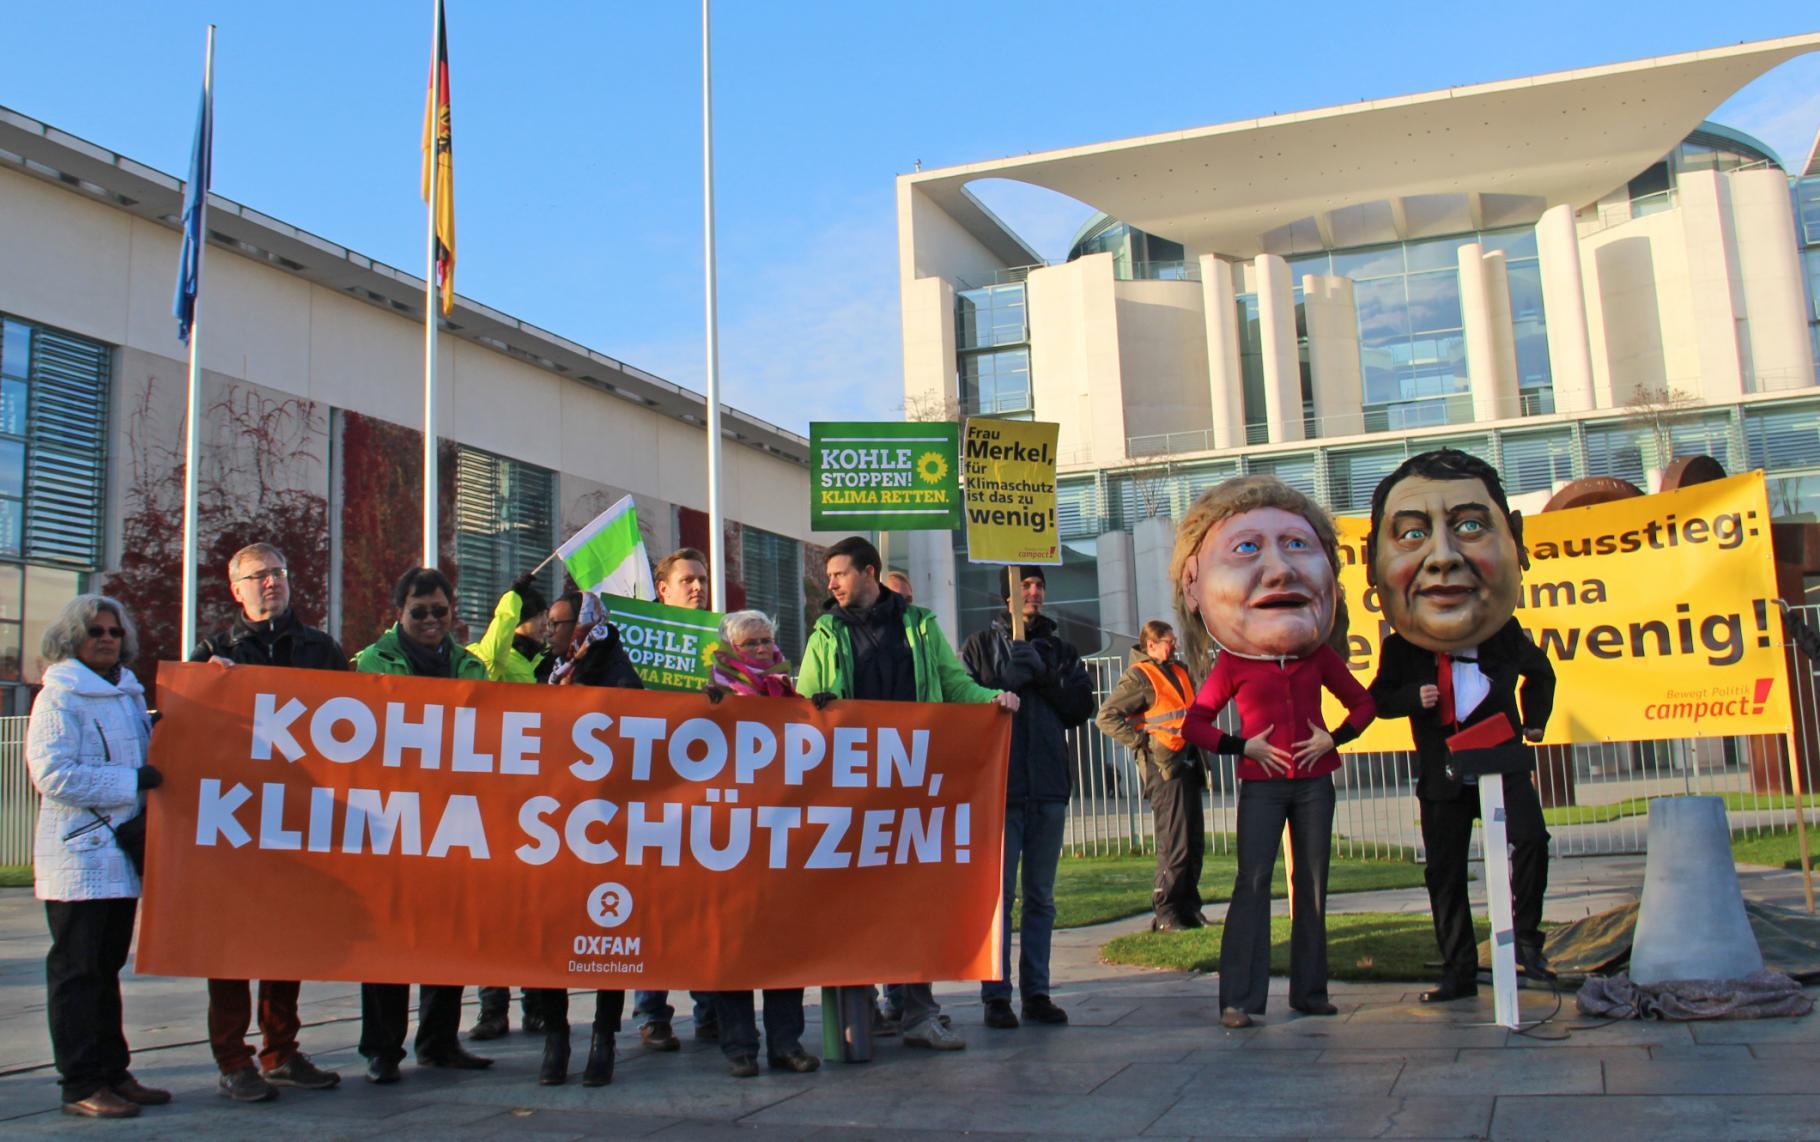 Oxfam fordert den vollständigen Kohleausstieg